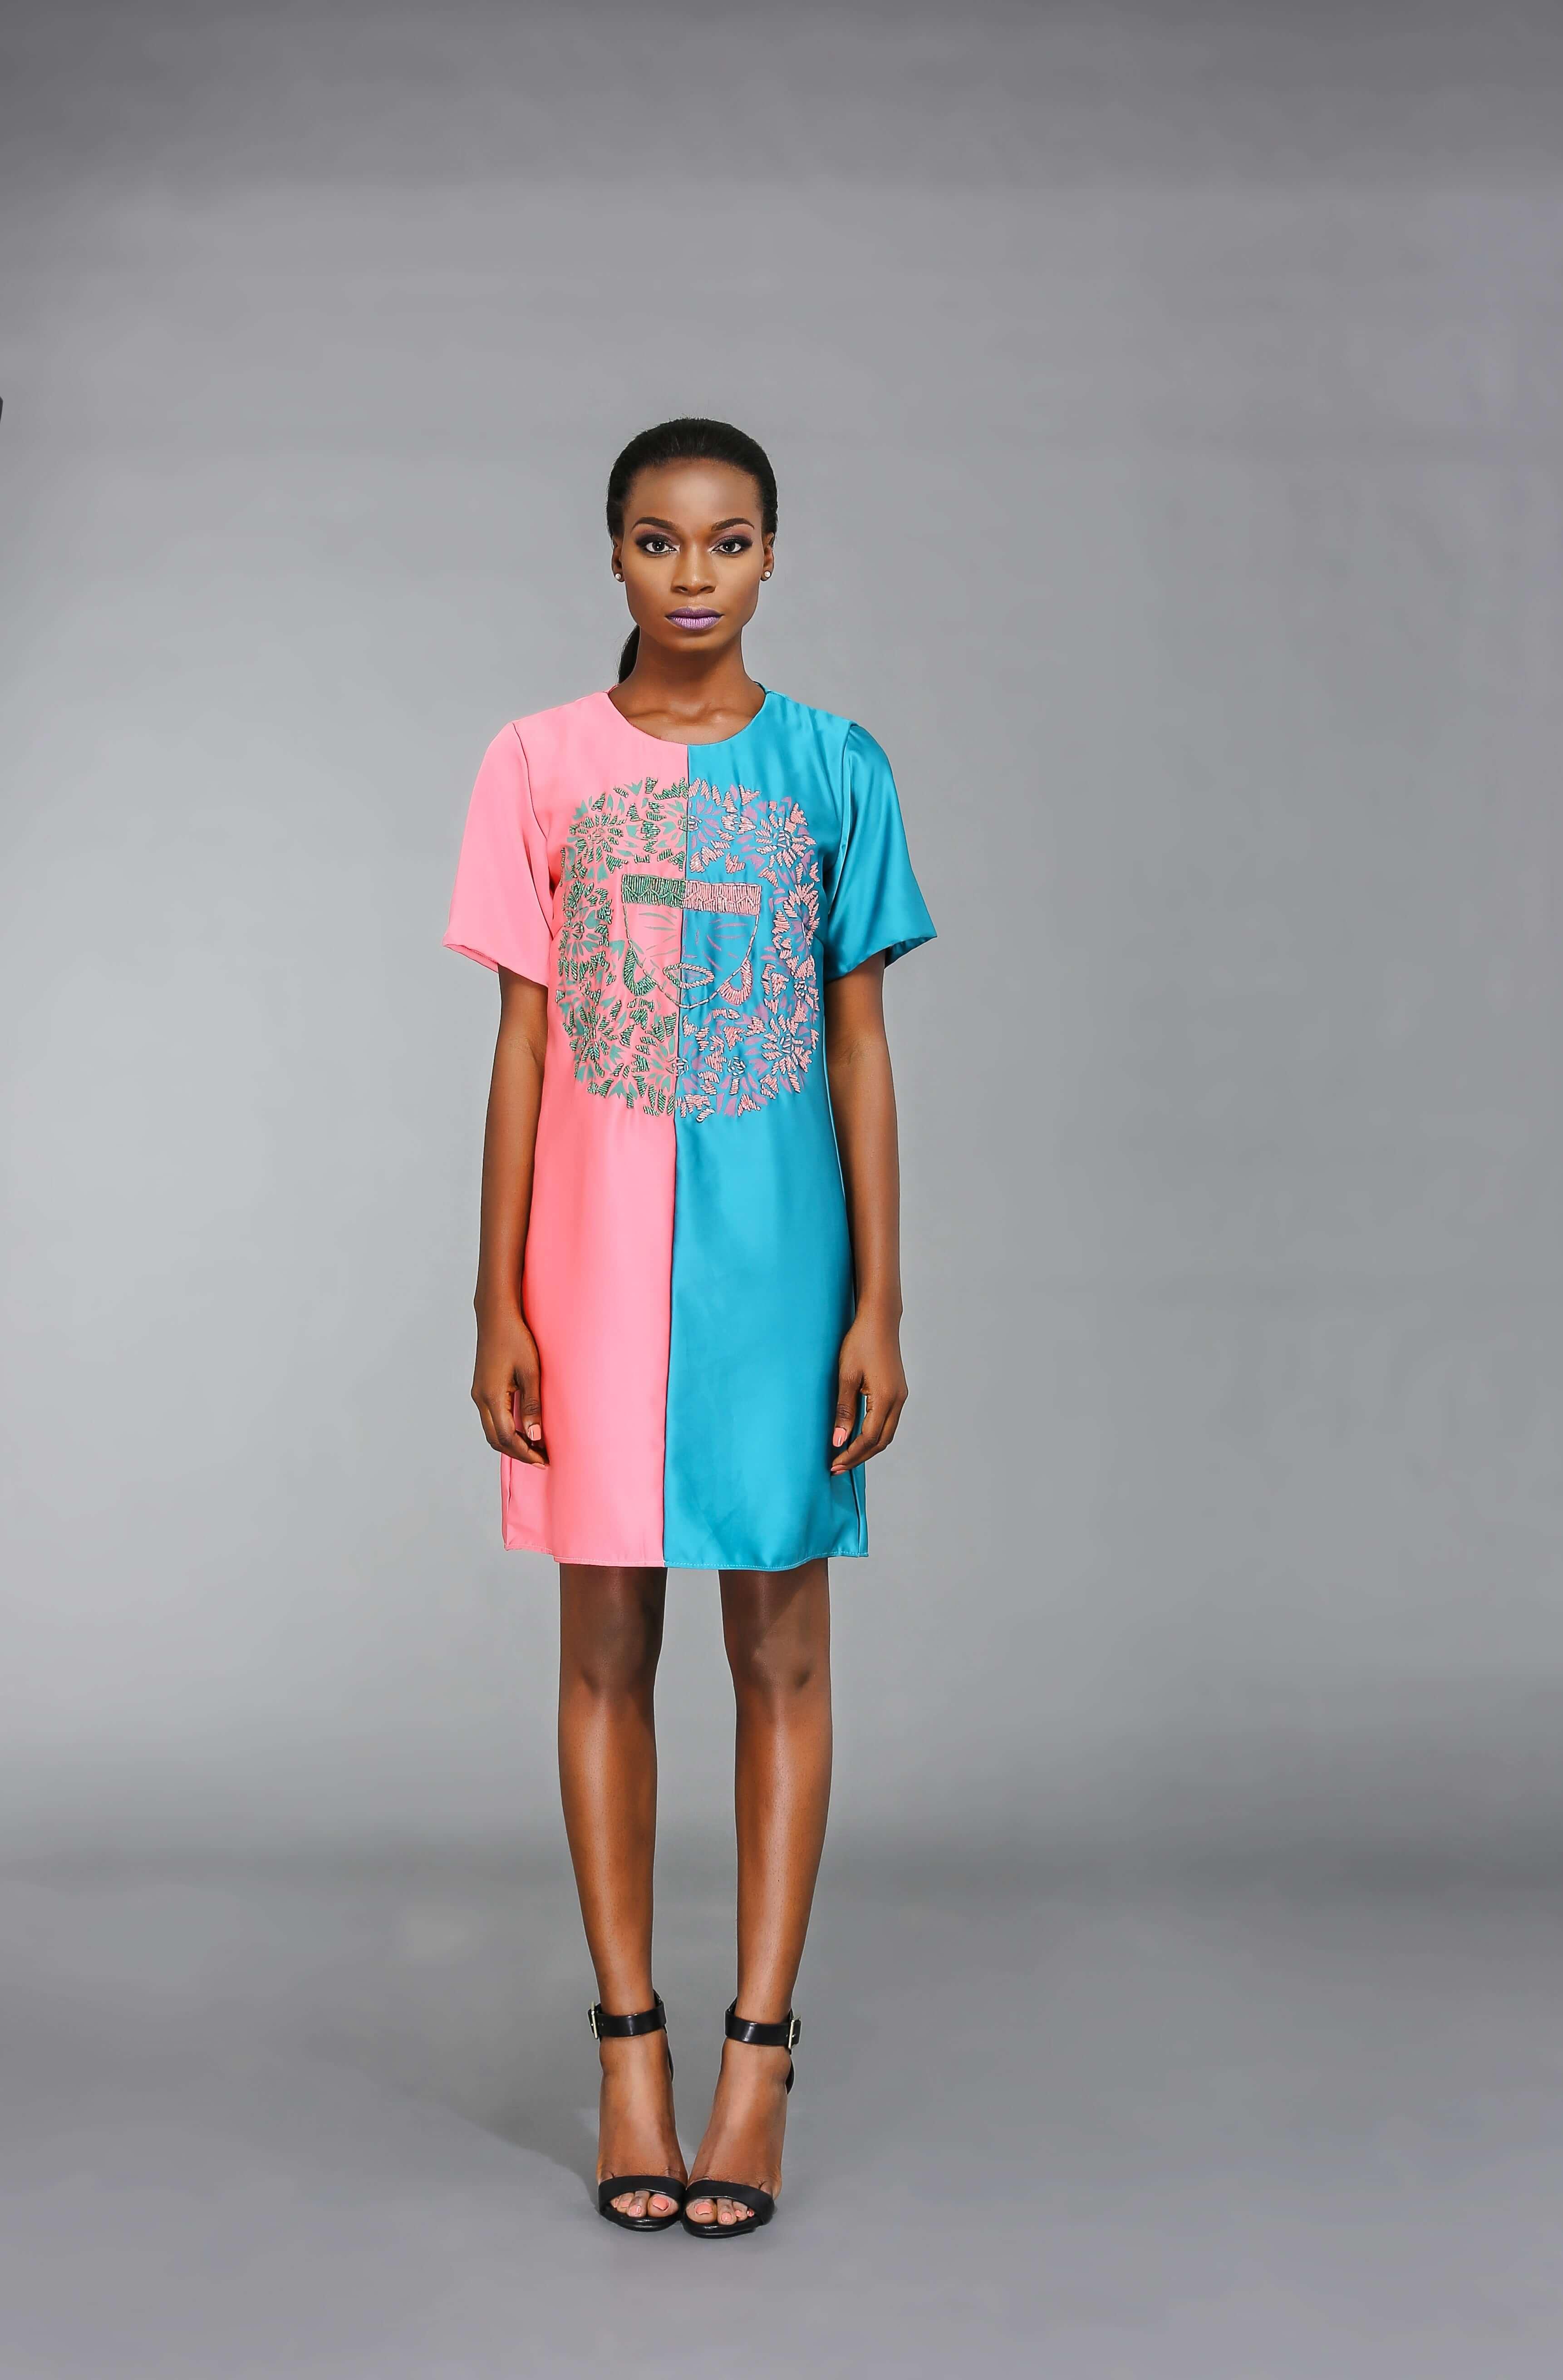 robe africaine moonlook SS15a4-min